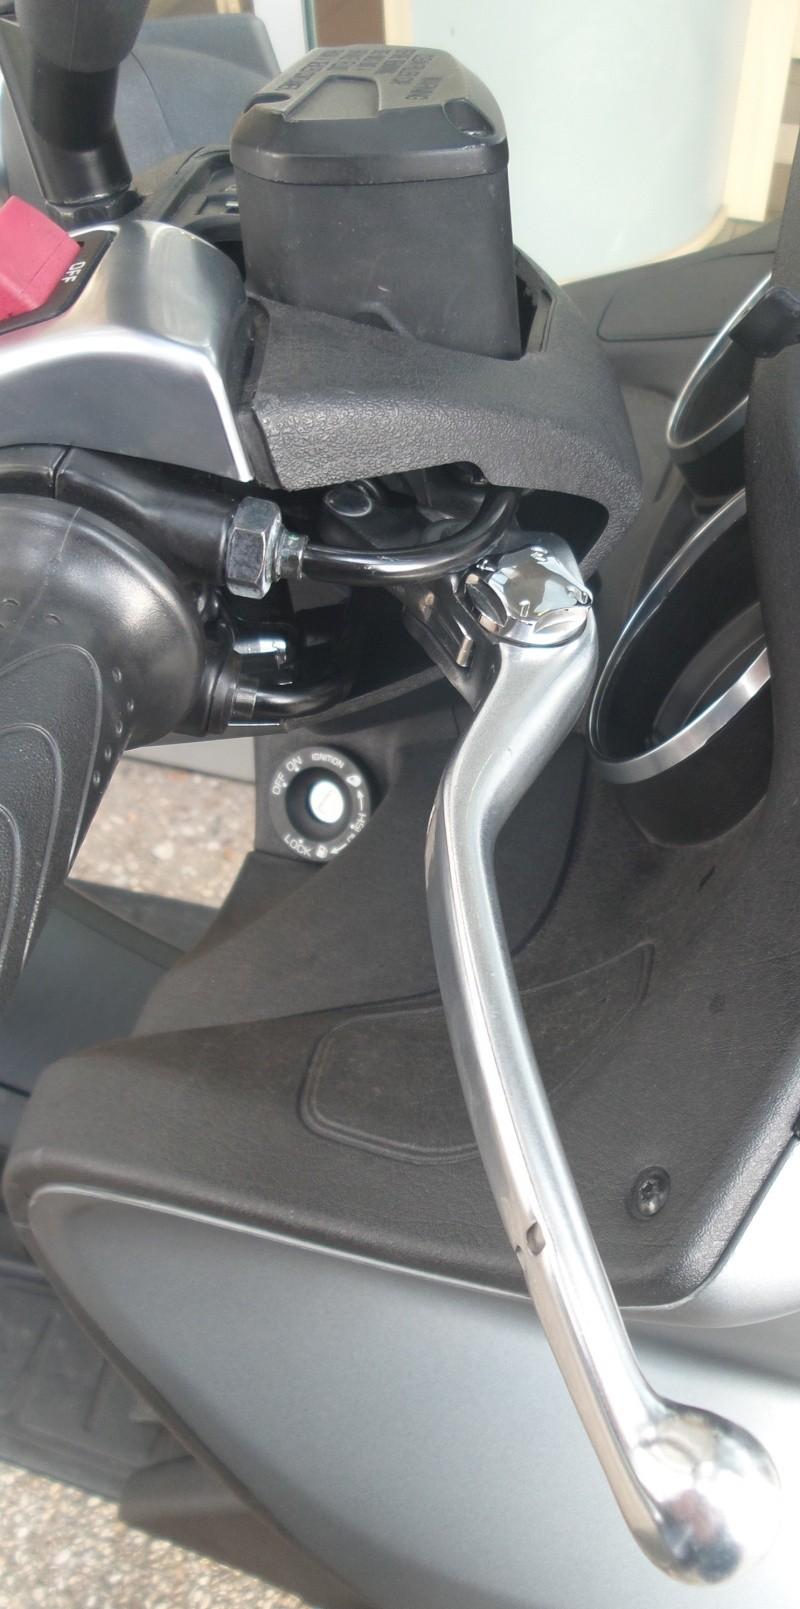 Maître cylindre avant Gilera GP800 sur MP3 500/Fuoco 20140814